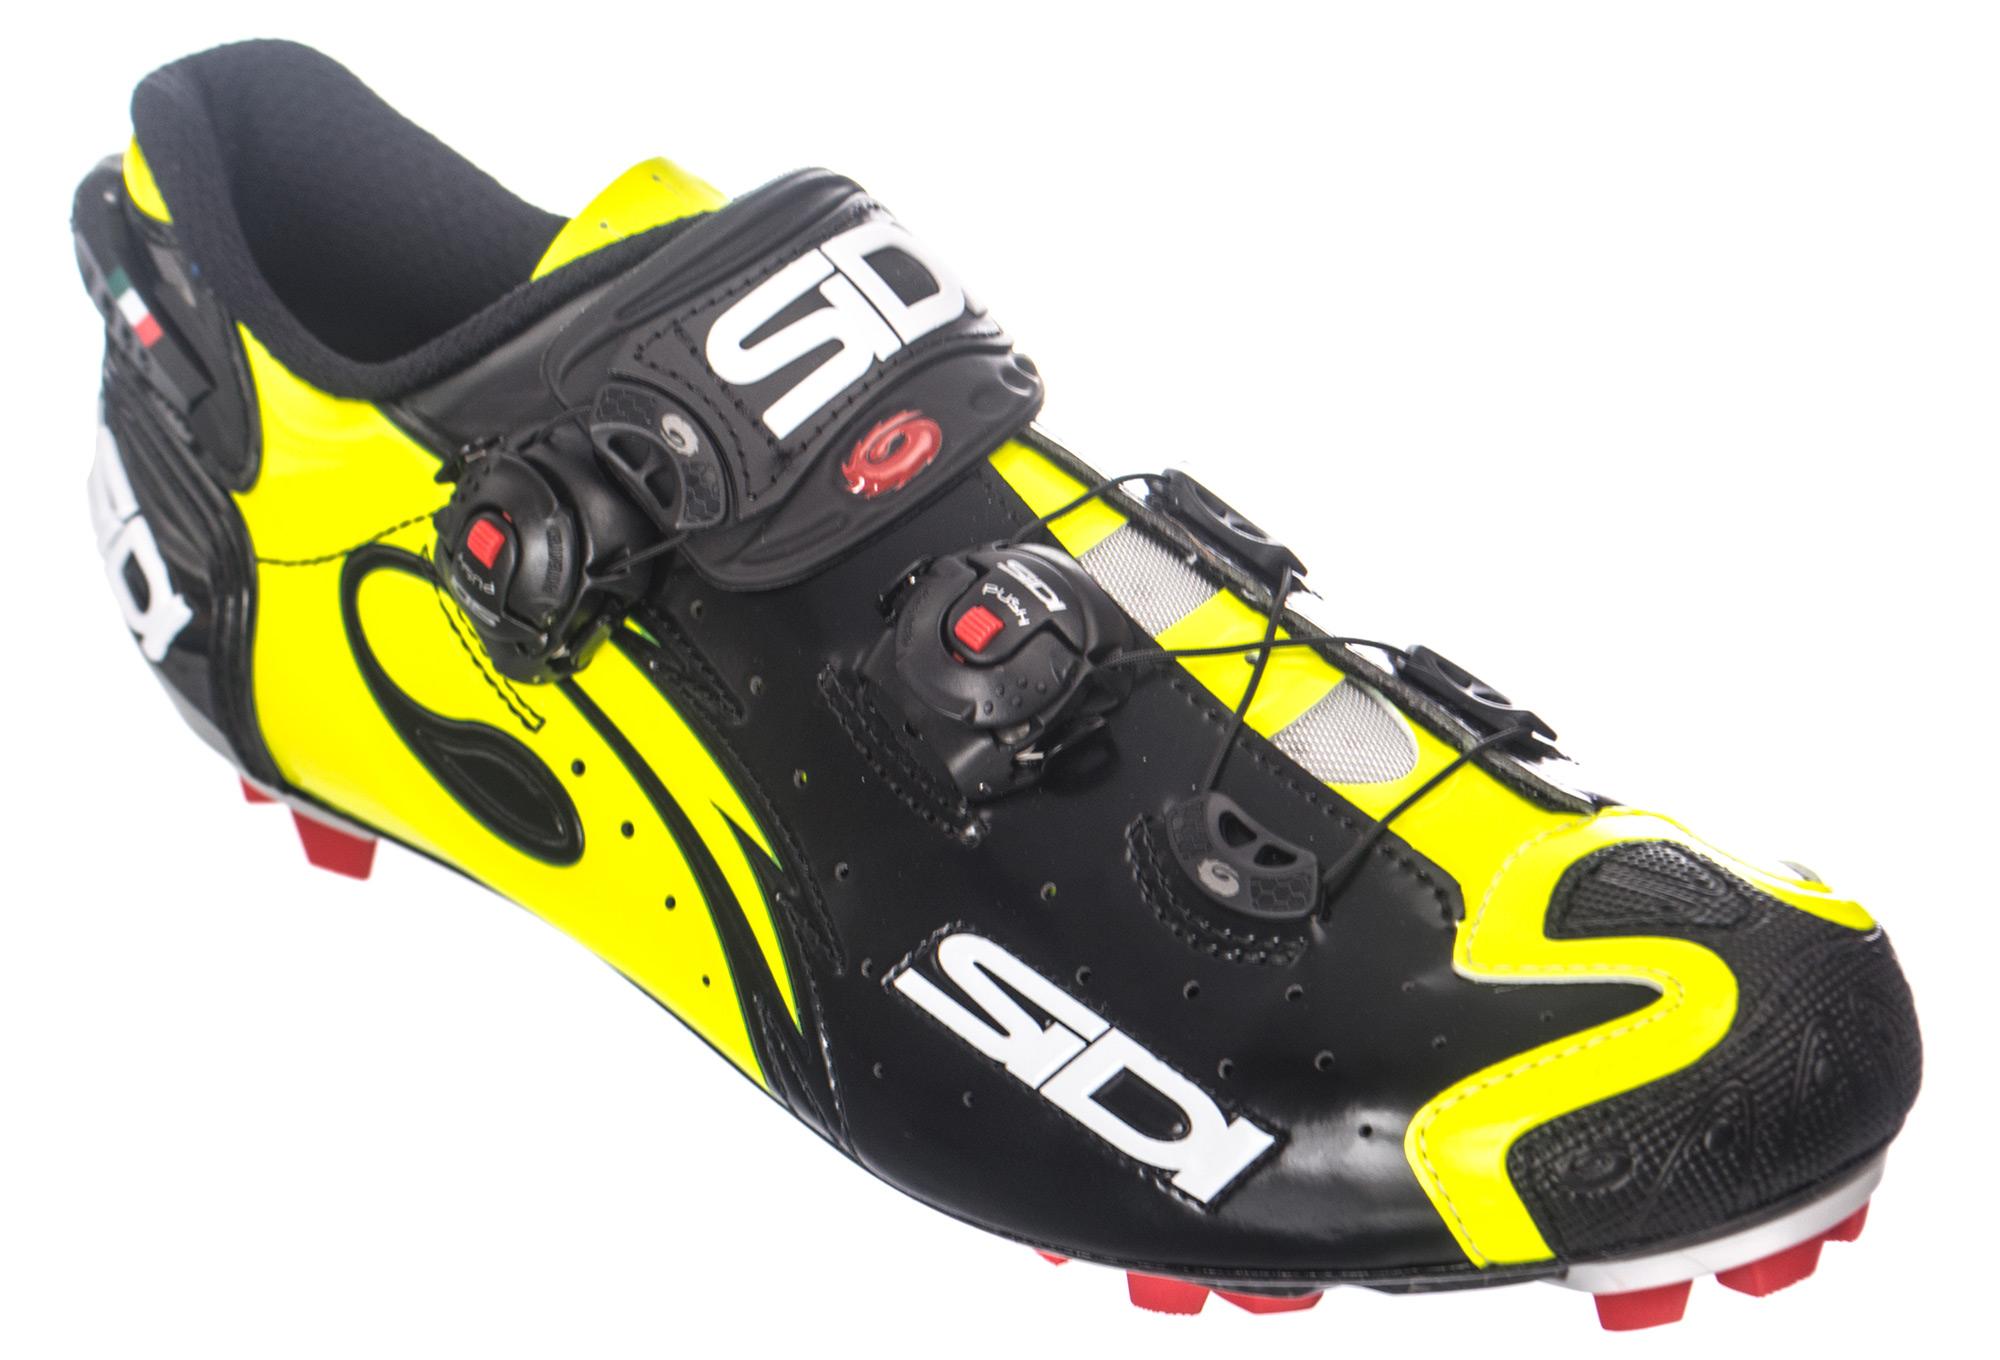 Sconti Mtb Negozio scarpe Drako Di Sidi Online xdBECeroQW